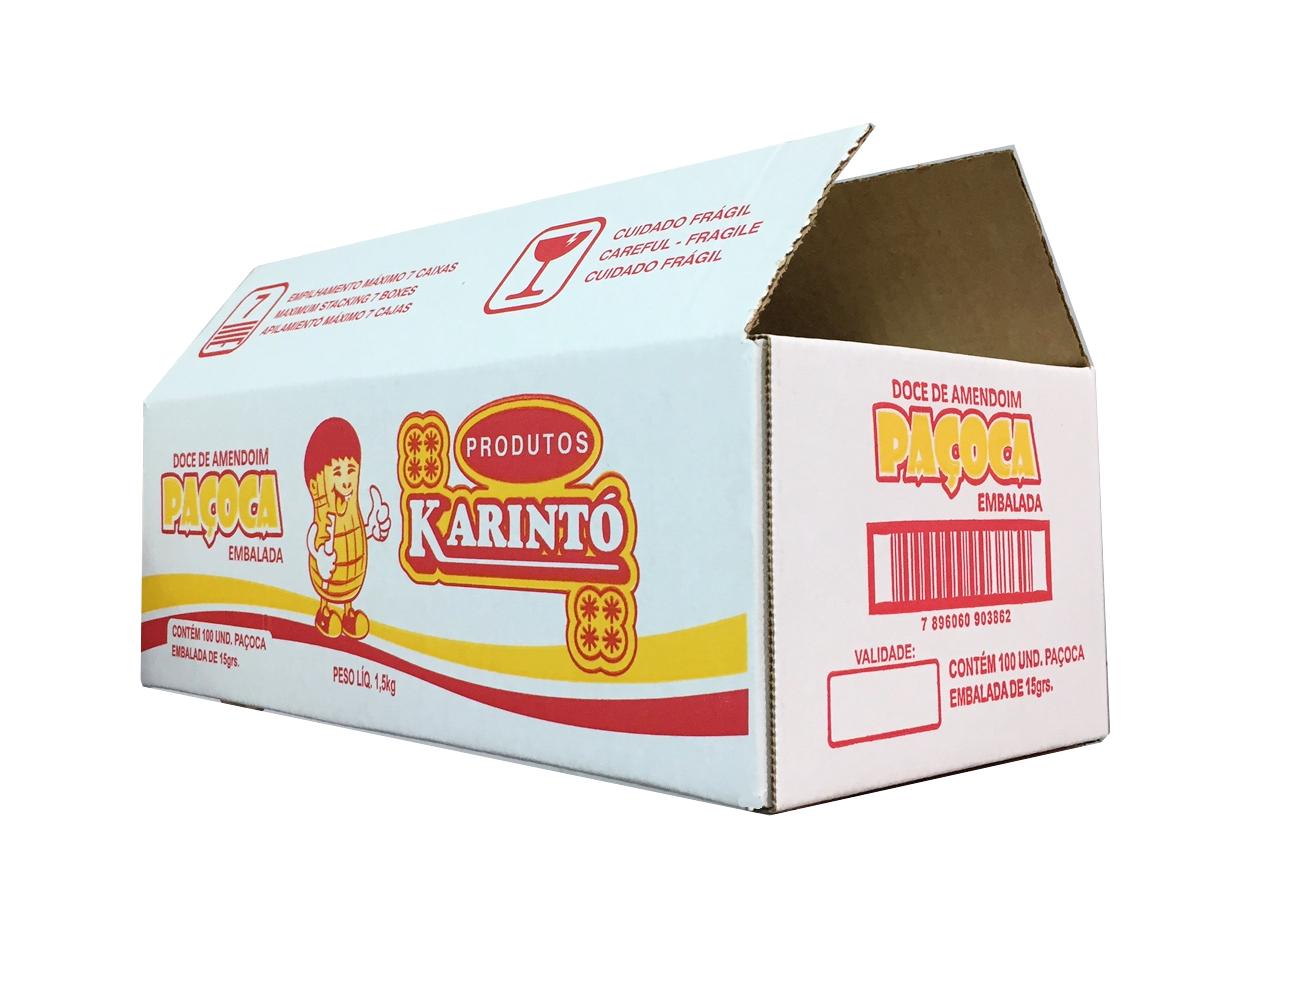 Karinto